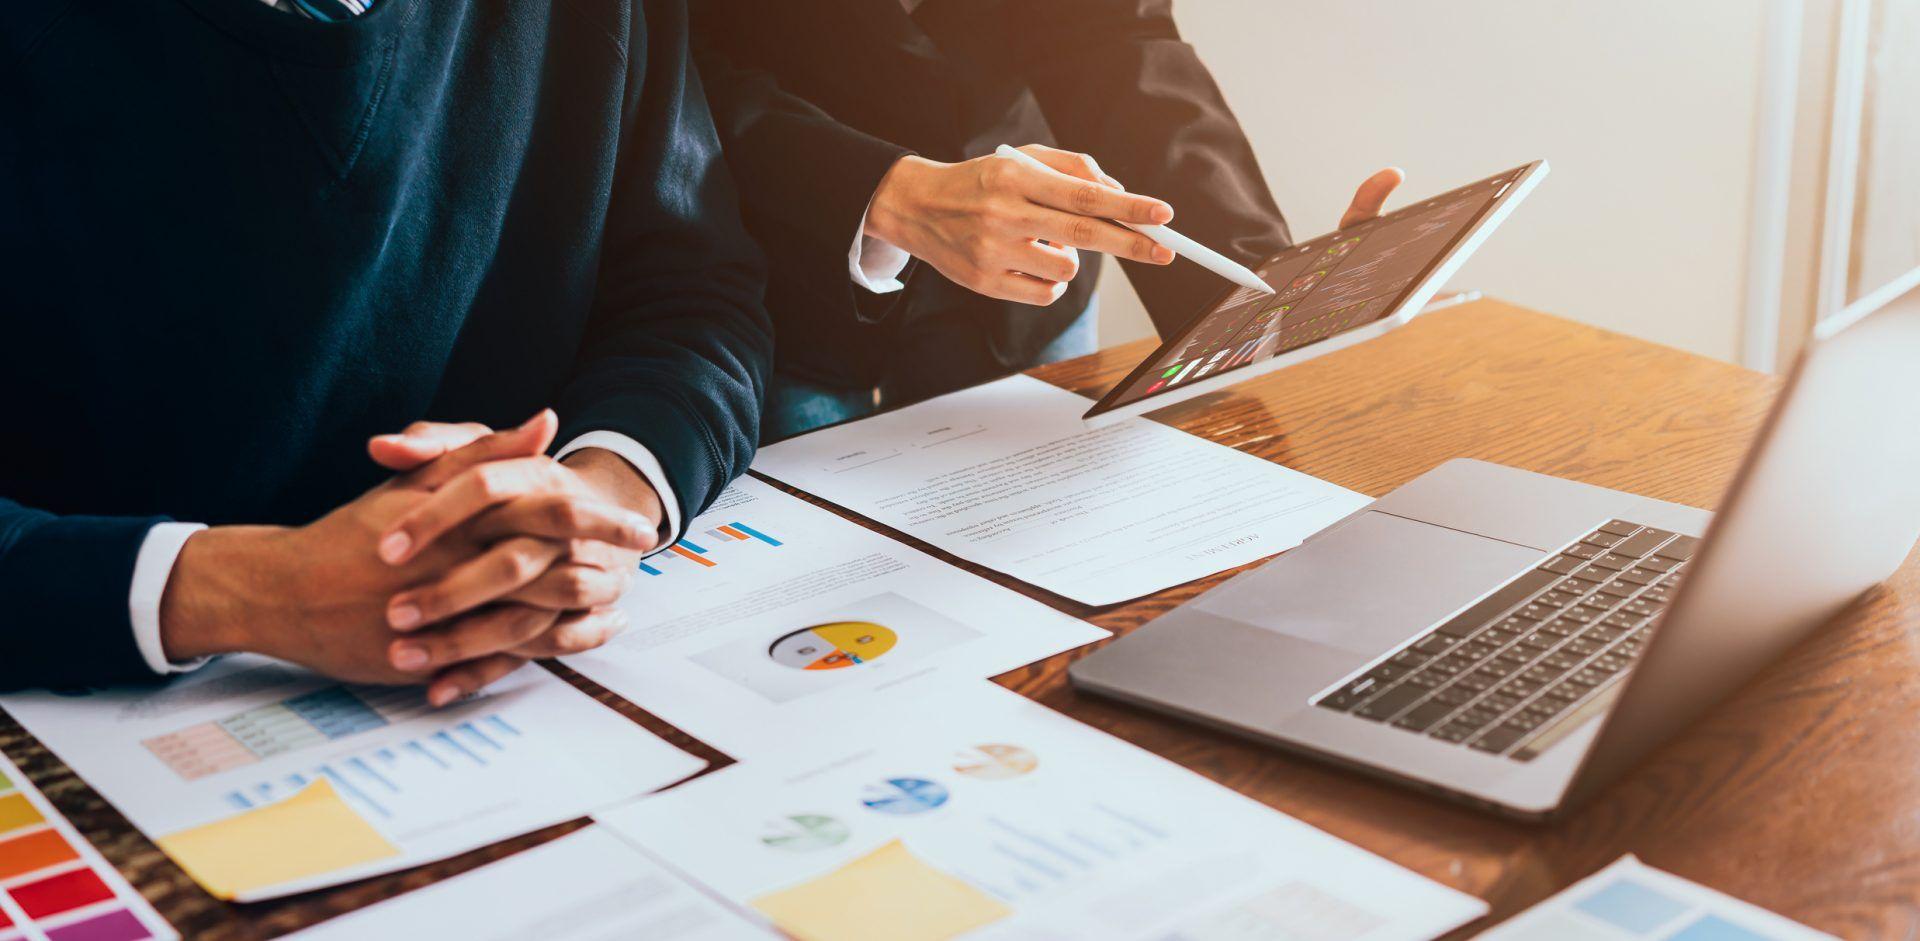 Contrato mercantil de trabajo: ¿en qué consiste?